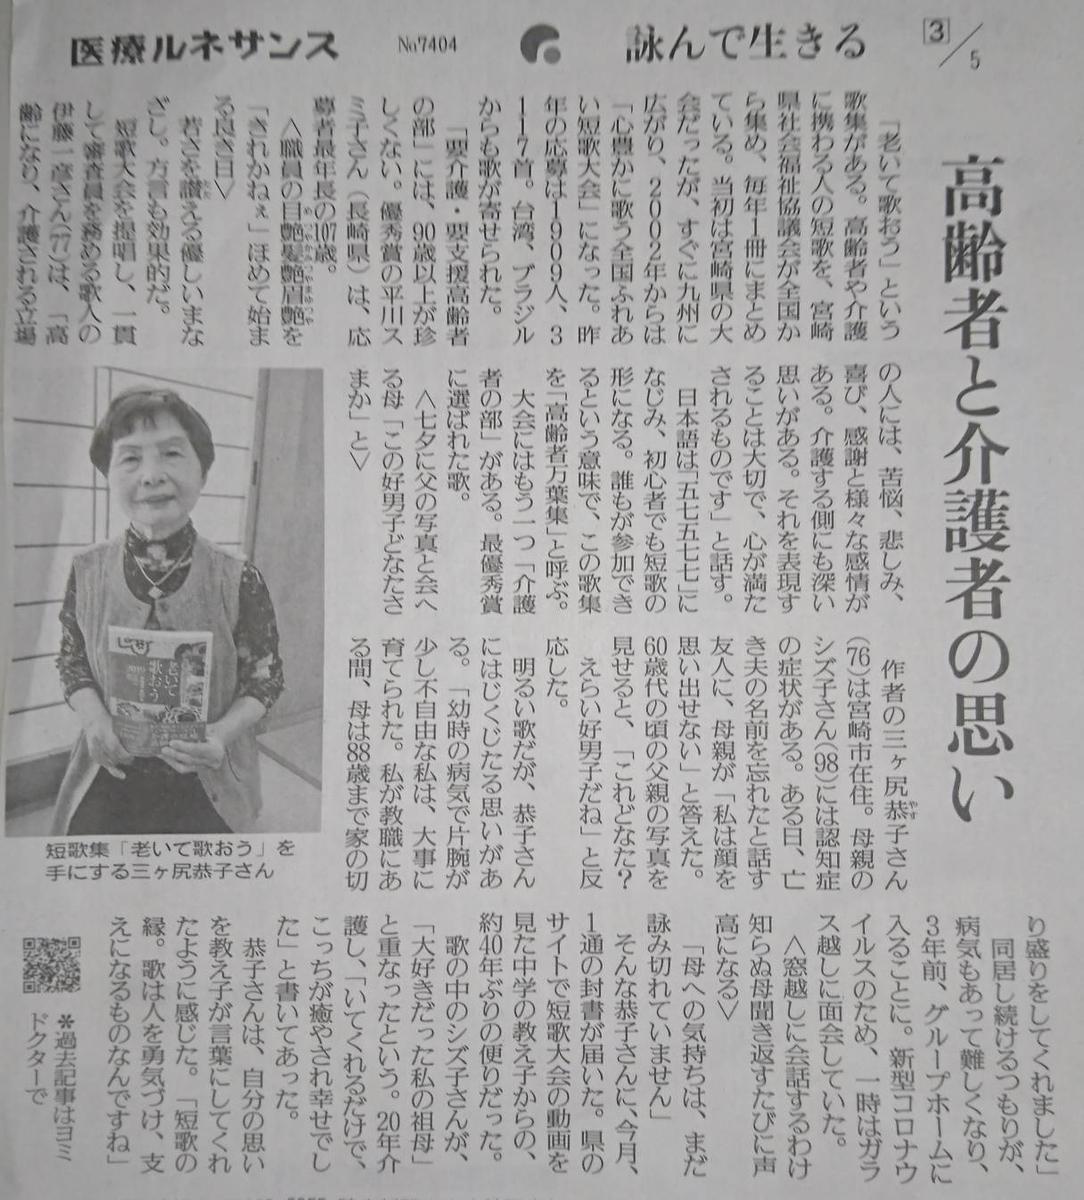 f:id:kazura-kobayashi:20201213130113j:plain